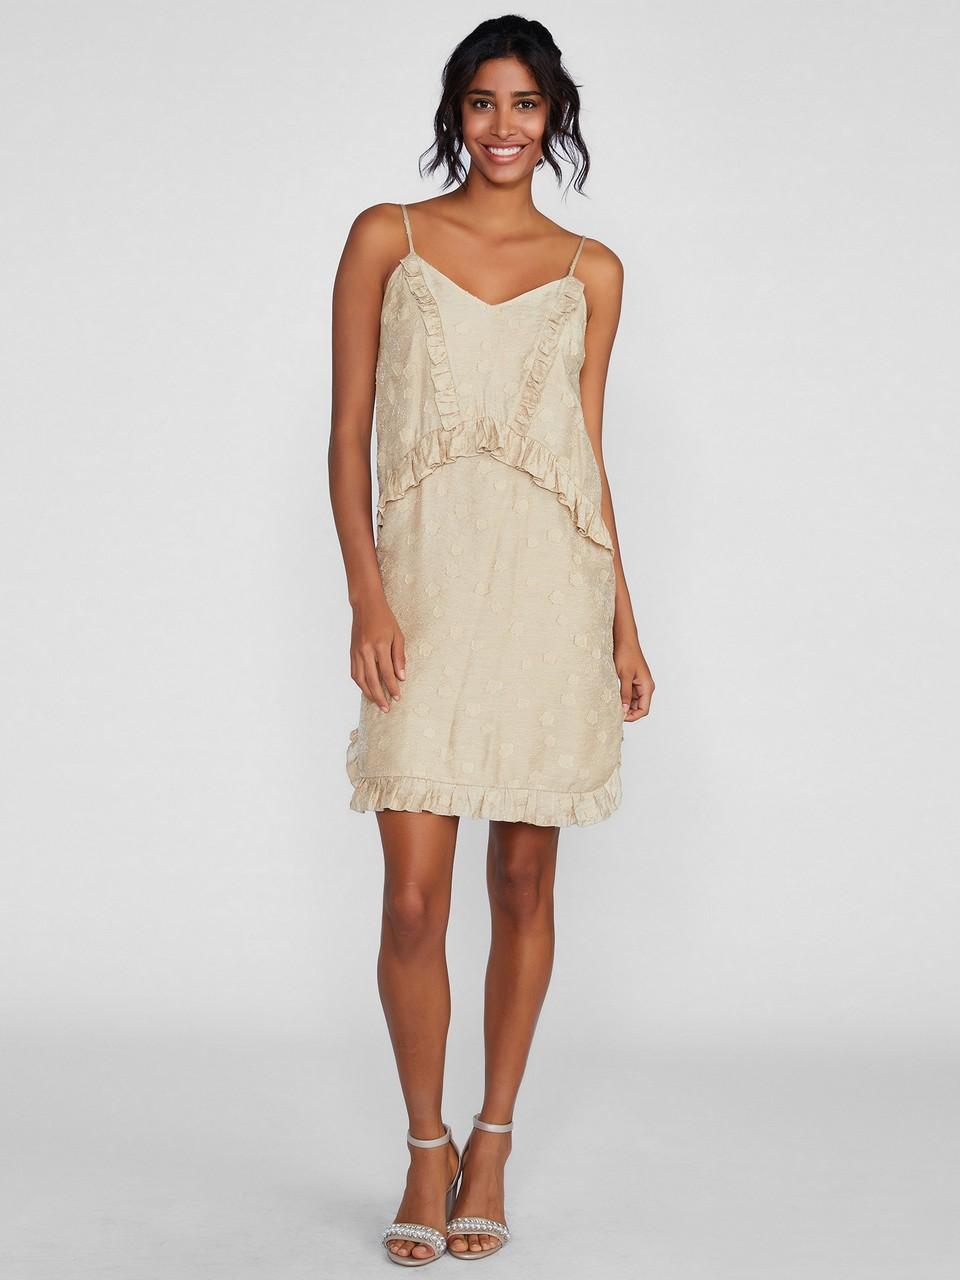 İp Askılı Fırfır Detaylı Mini Elbise